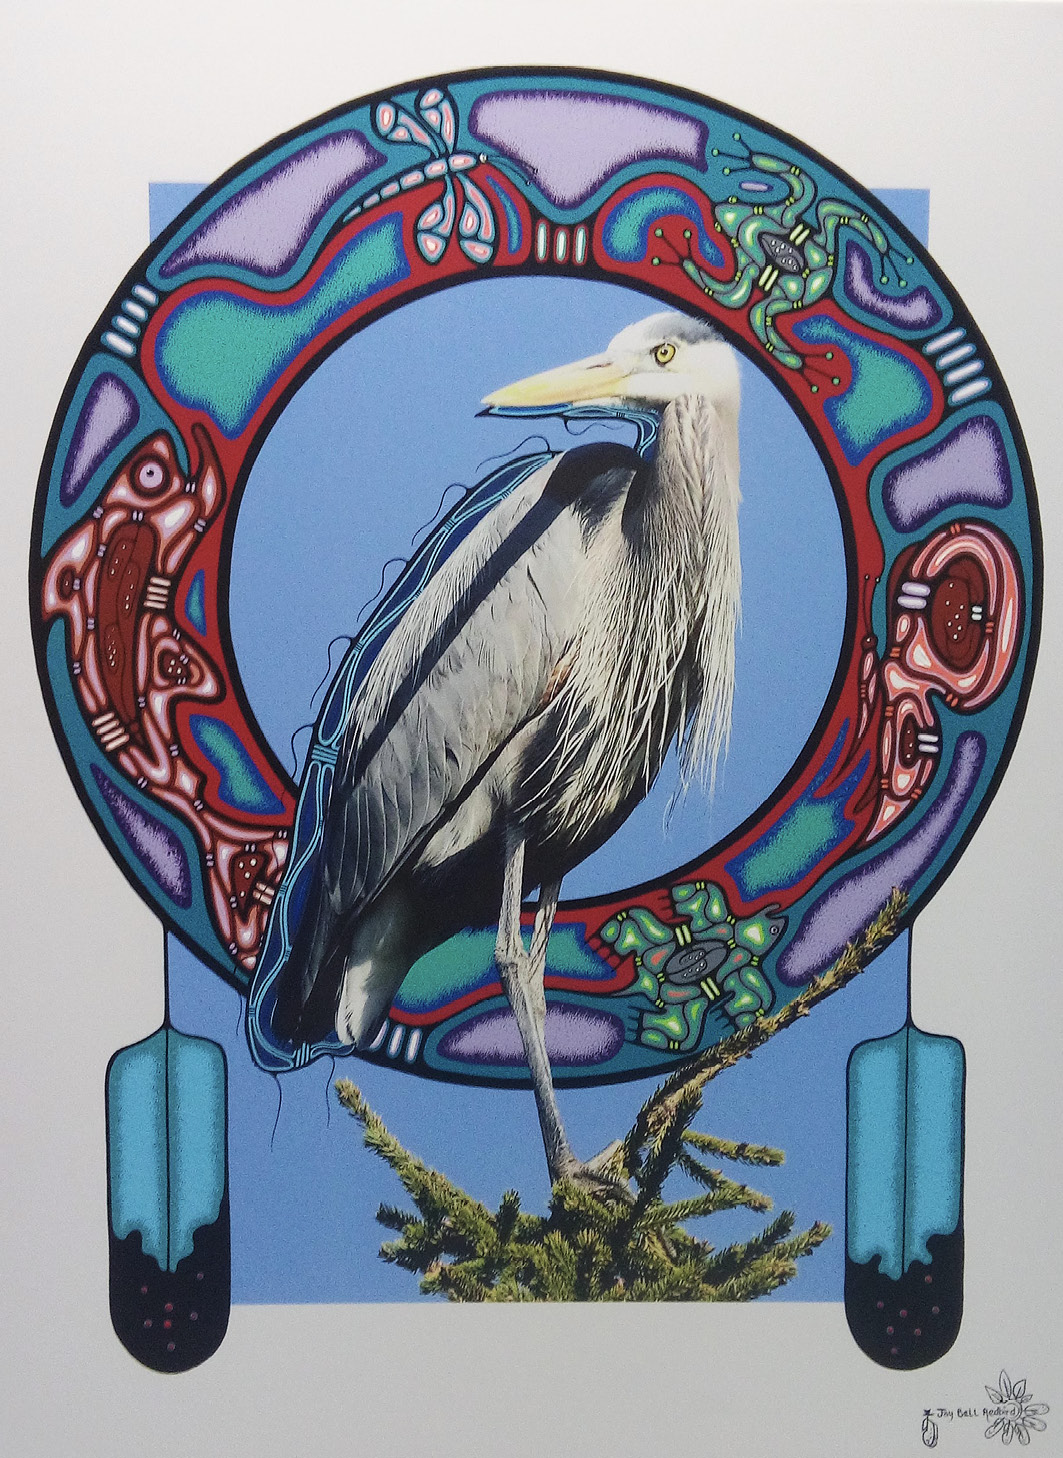 Jay Bell Redbird & Rolf Bouman: Spirit Bird